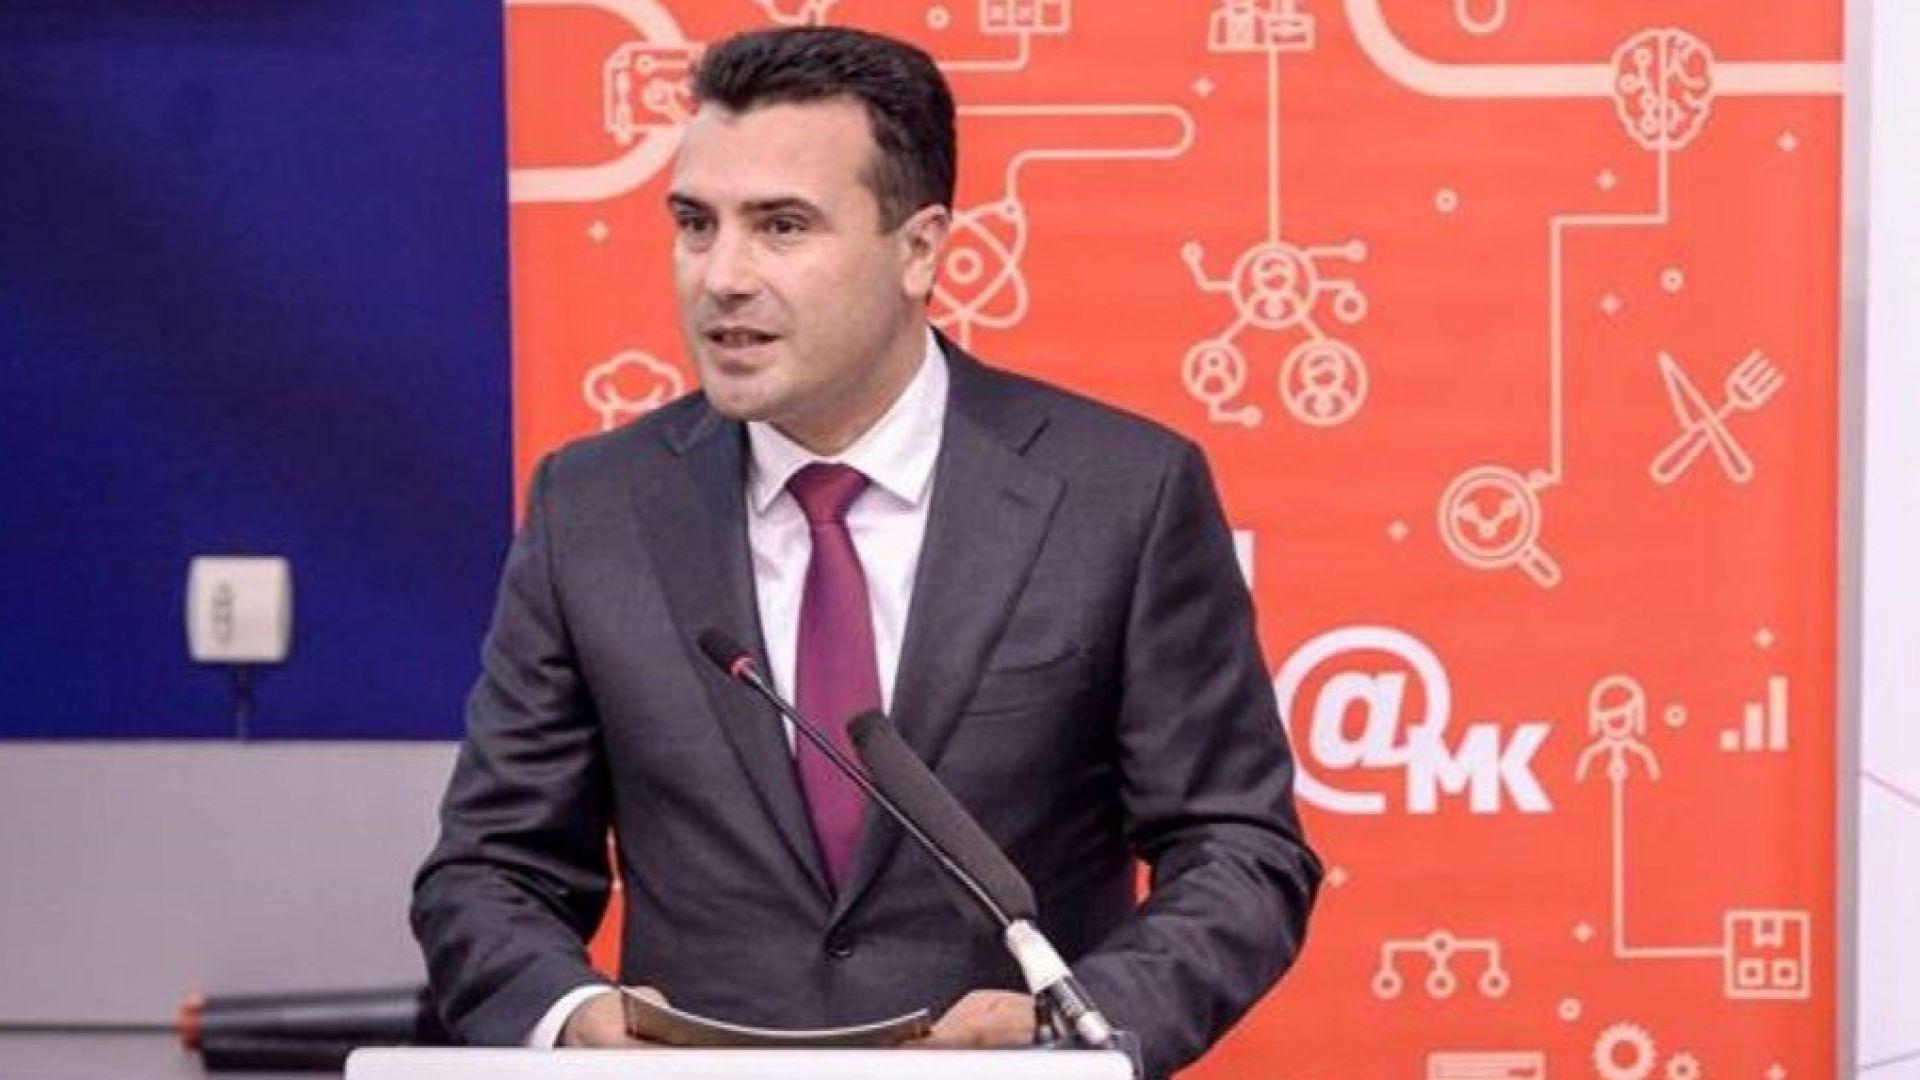 Зоран Заев призова опозицията в Македония да поеме отговорност